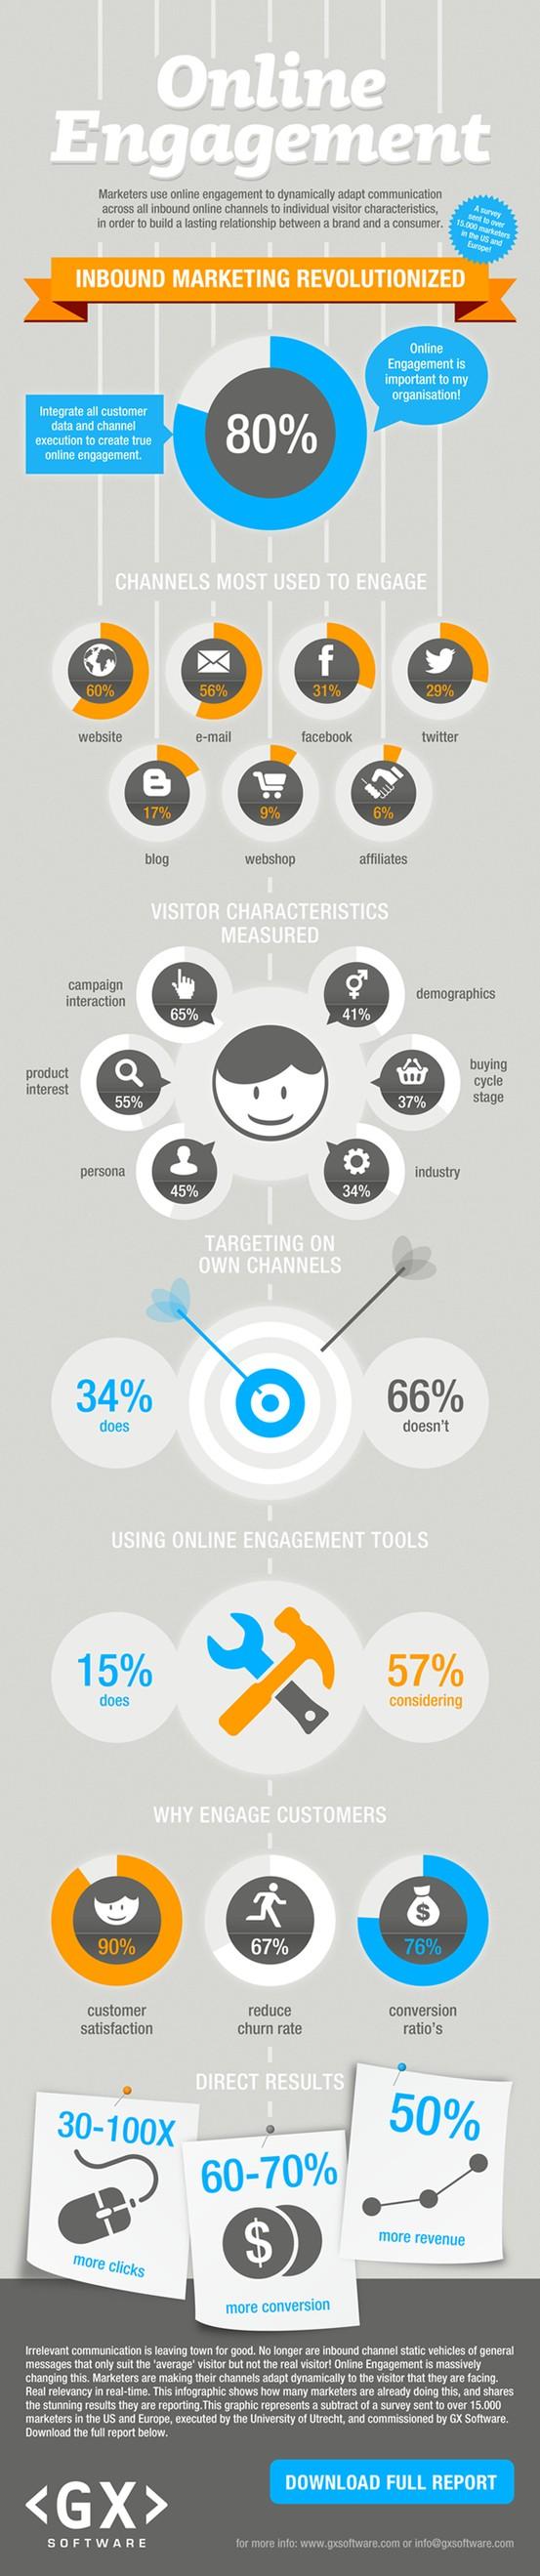 Quais os resultados que você pode conseguir com o engajamento online?